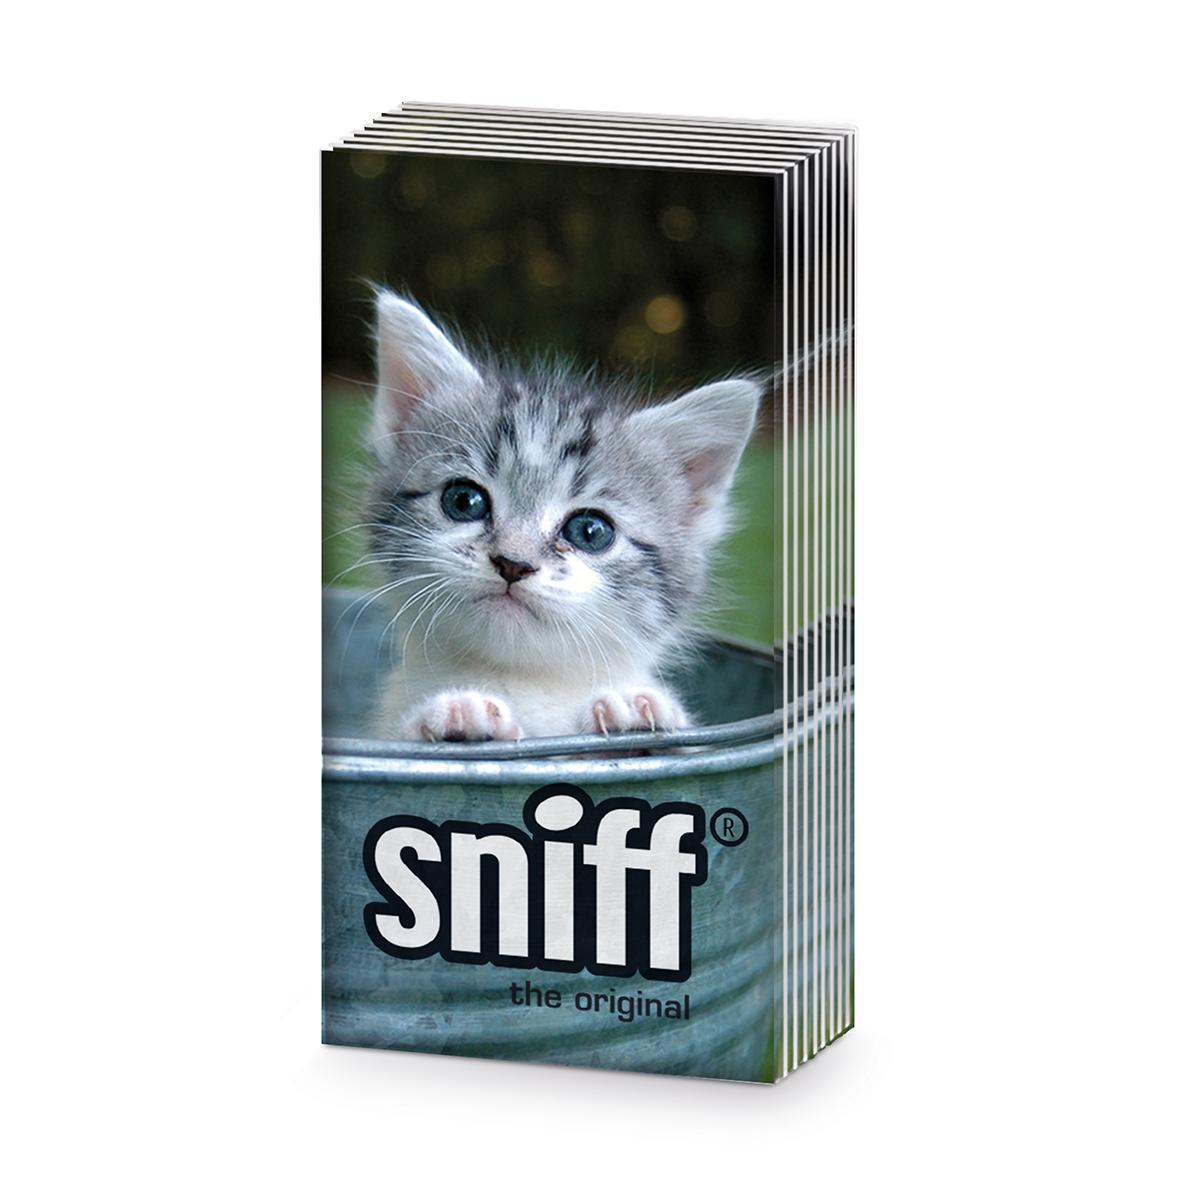 Taschentücher Sweet Kitty                       ,  Tiere,  Everyday,  bedruckte papiertaschentücher,  Katzen